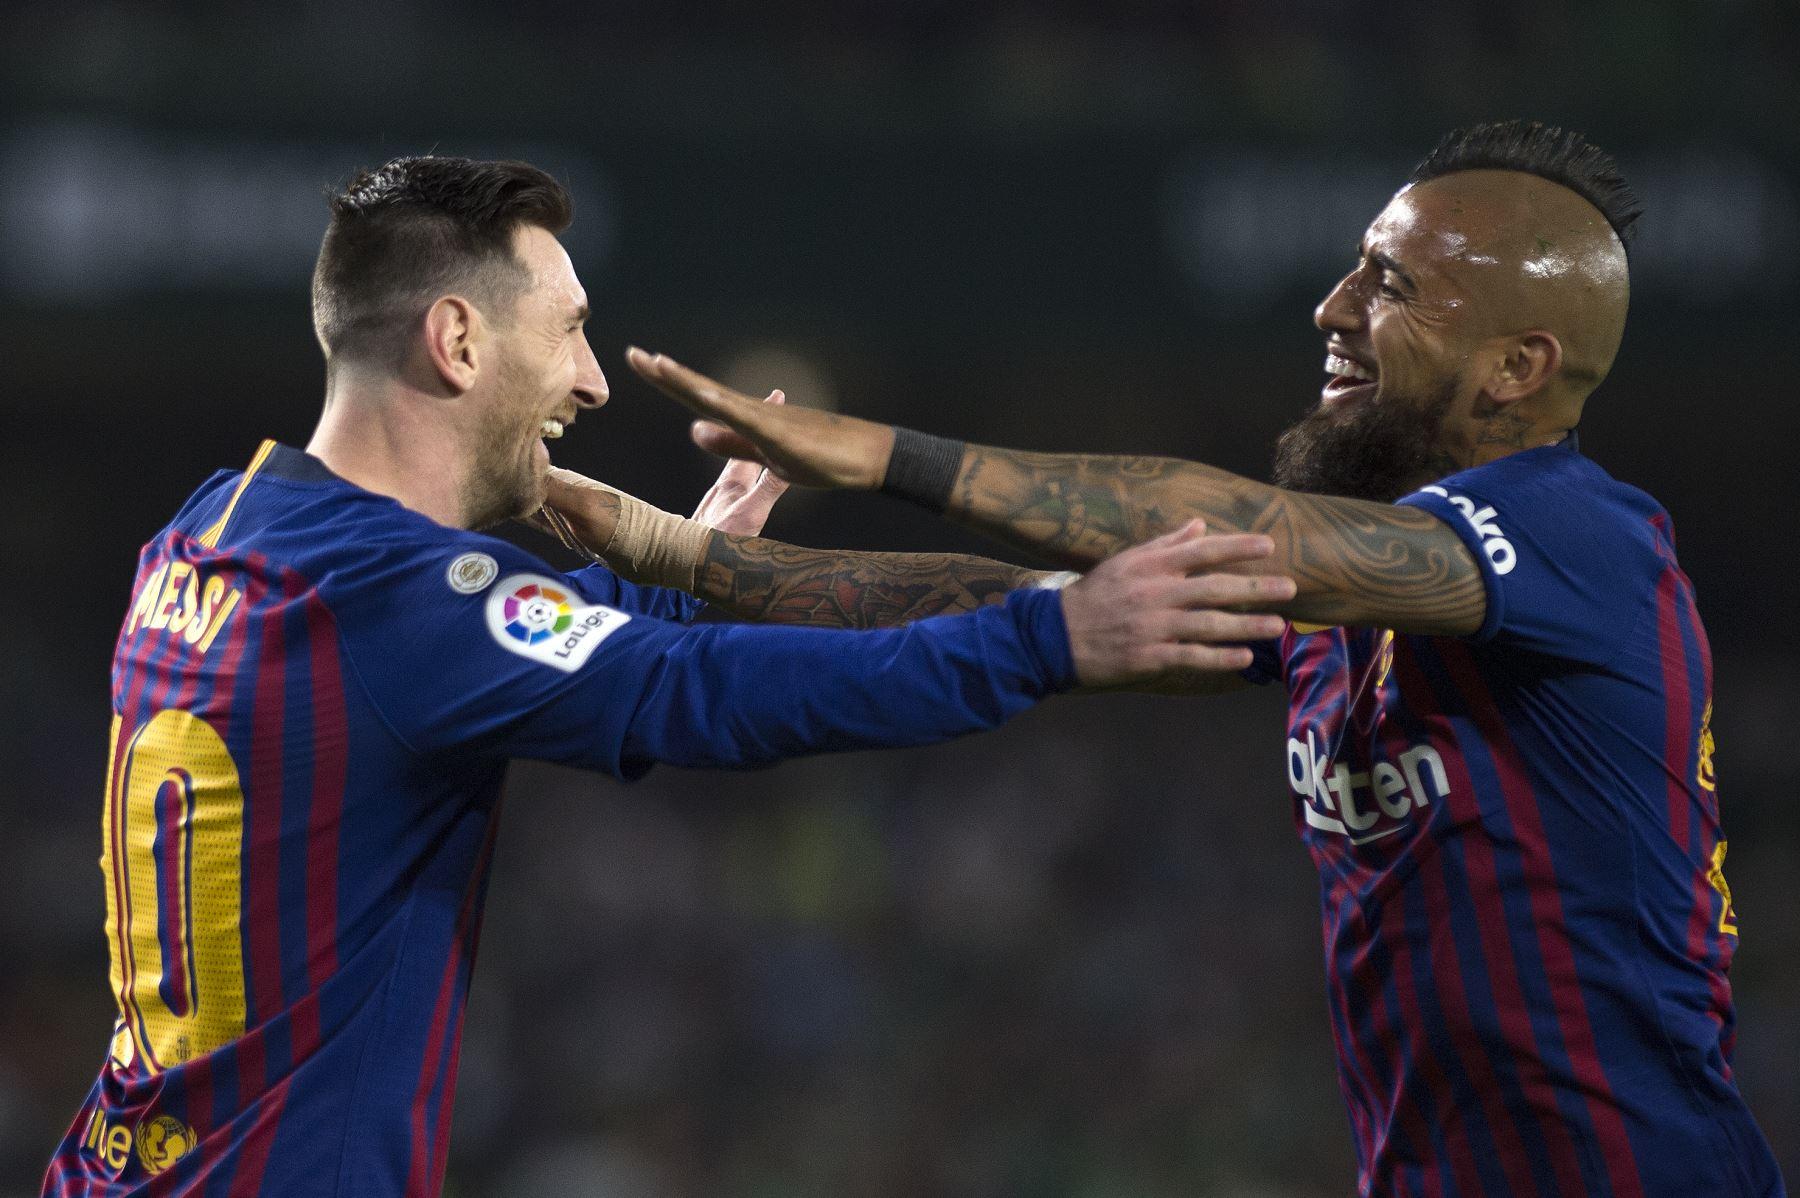 El delantero argentino del Barcelona Lionel Messi (L) celebra su gol con el mediocampista chileno Arturo Vidal durante el partido de fútbol de la liga española entre el Real Betis y el FC Barcelona.Foto:AFP